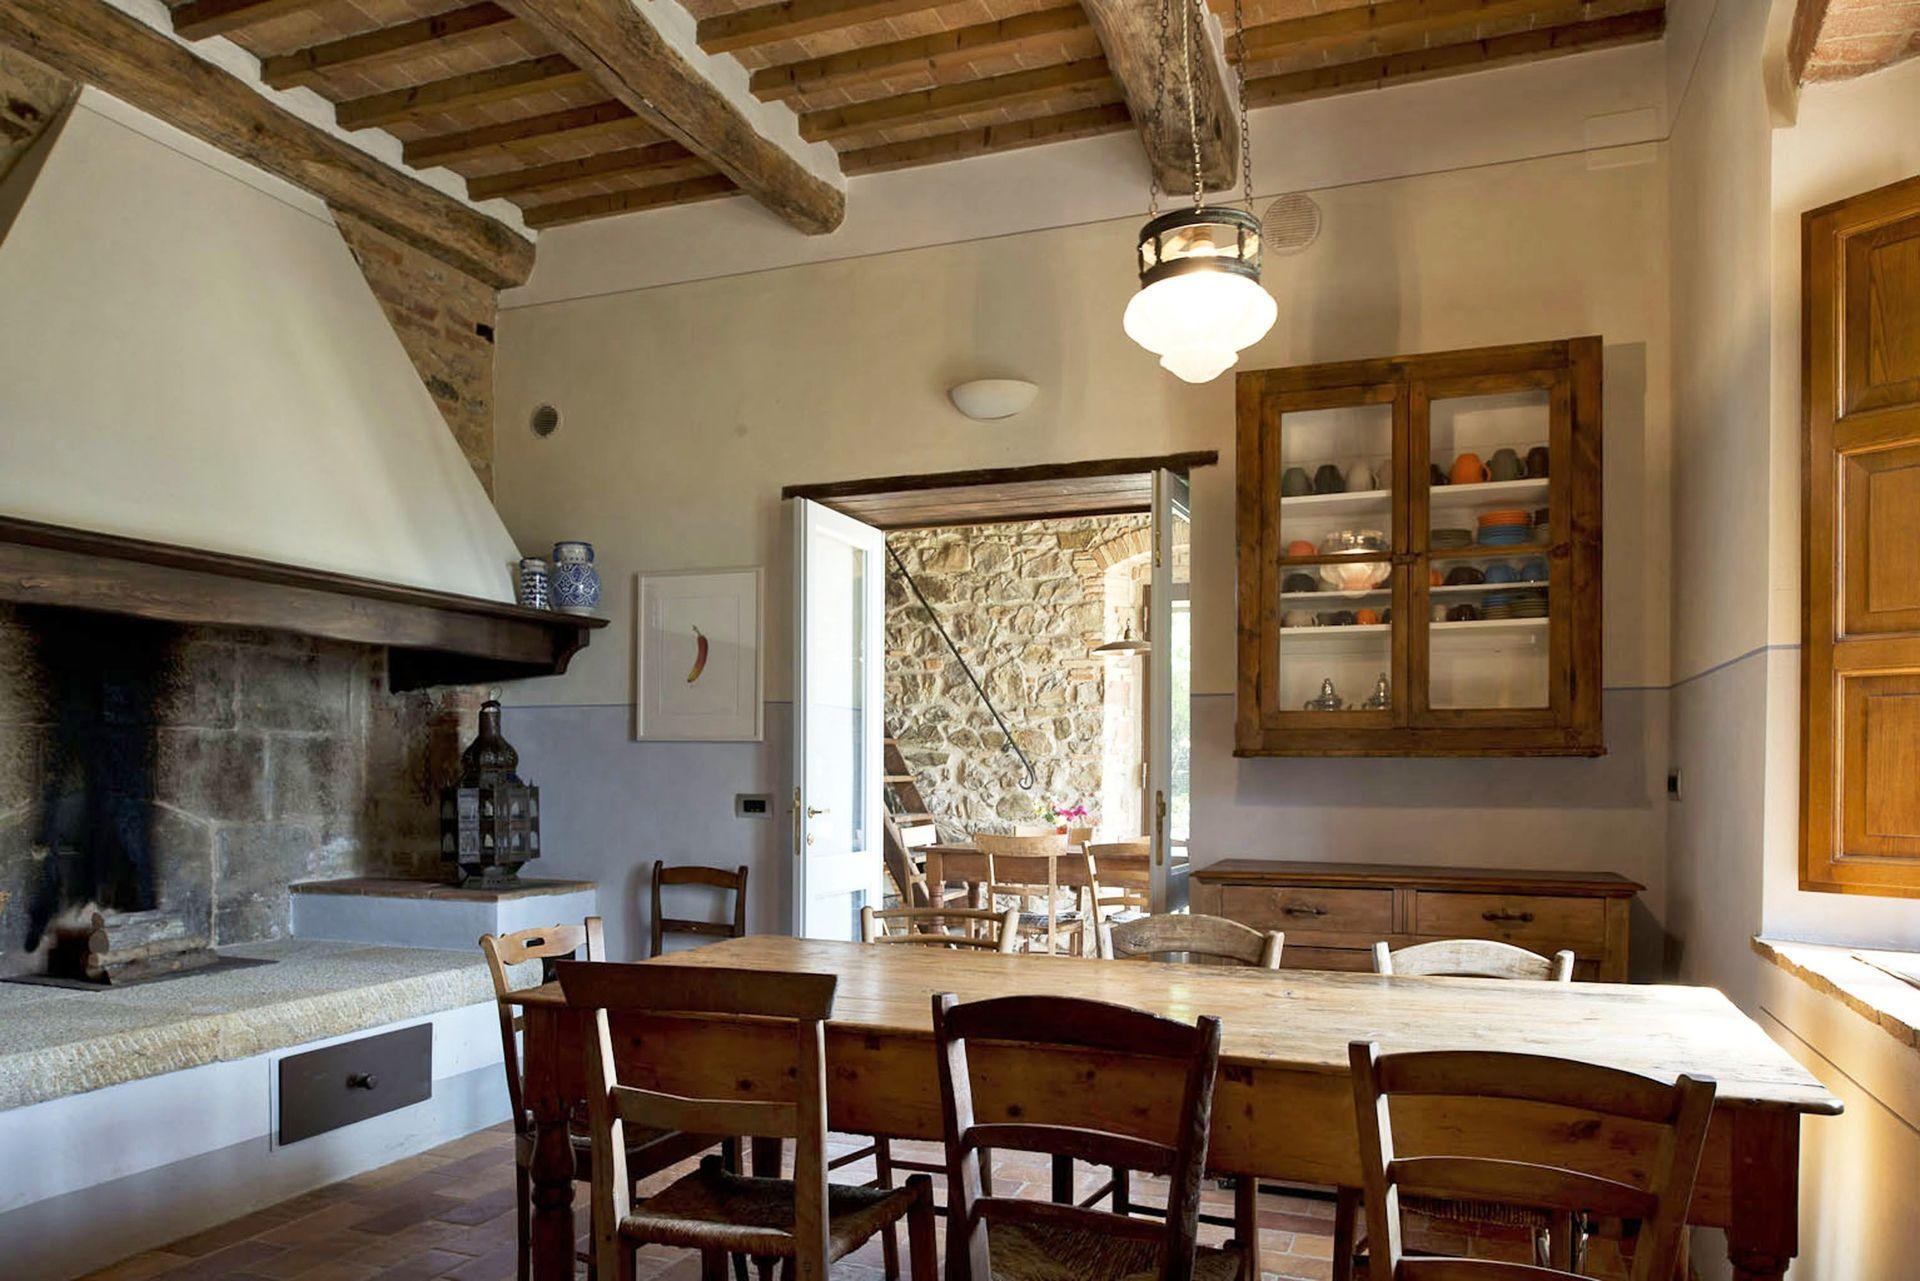 Contemporáneo Muebles De Cocina New York Ny Cresta - Ideas de ...